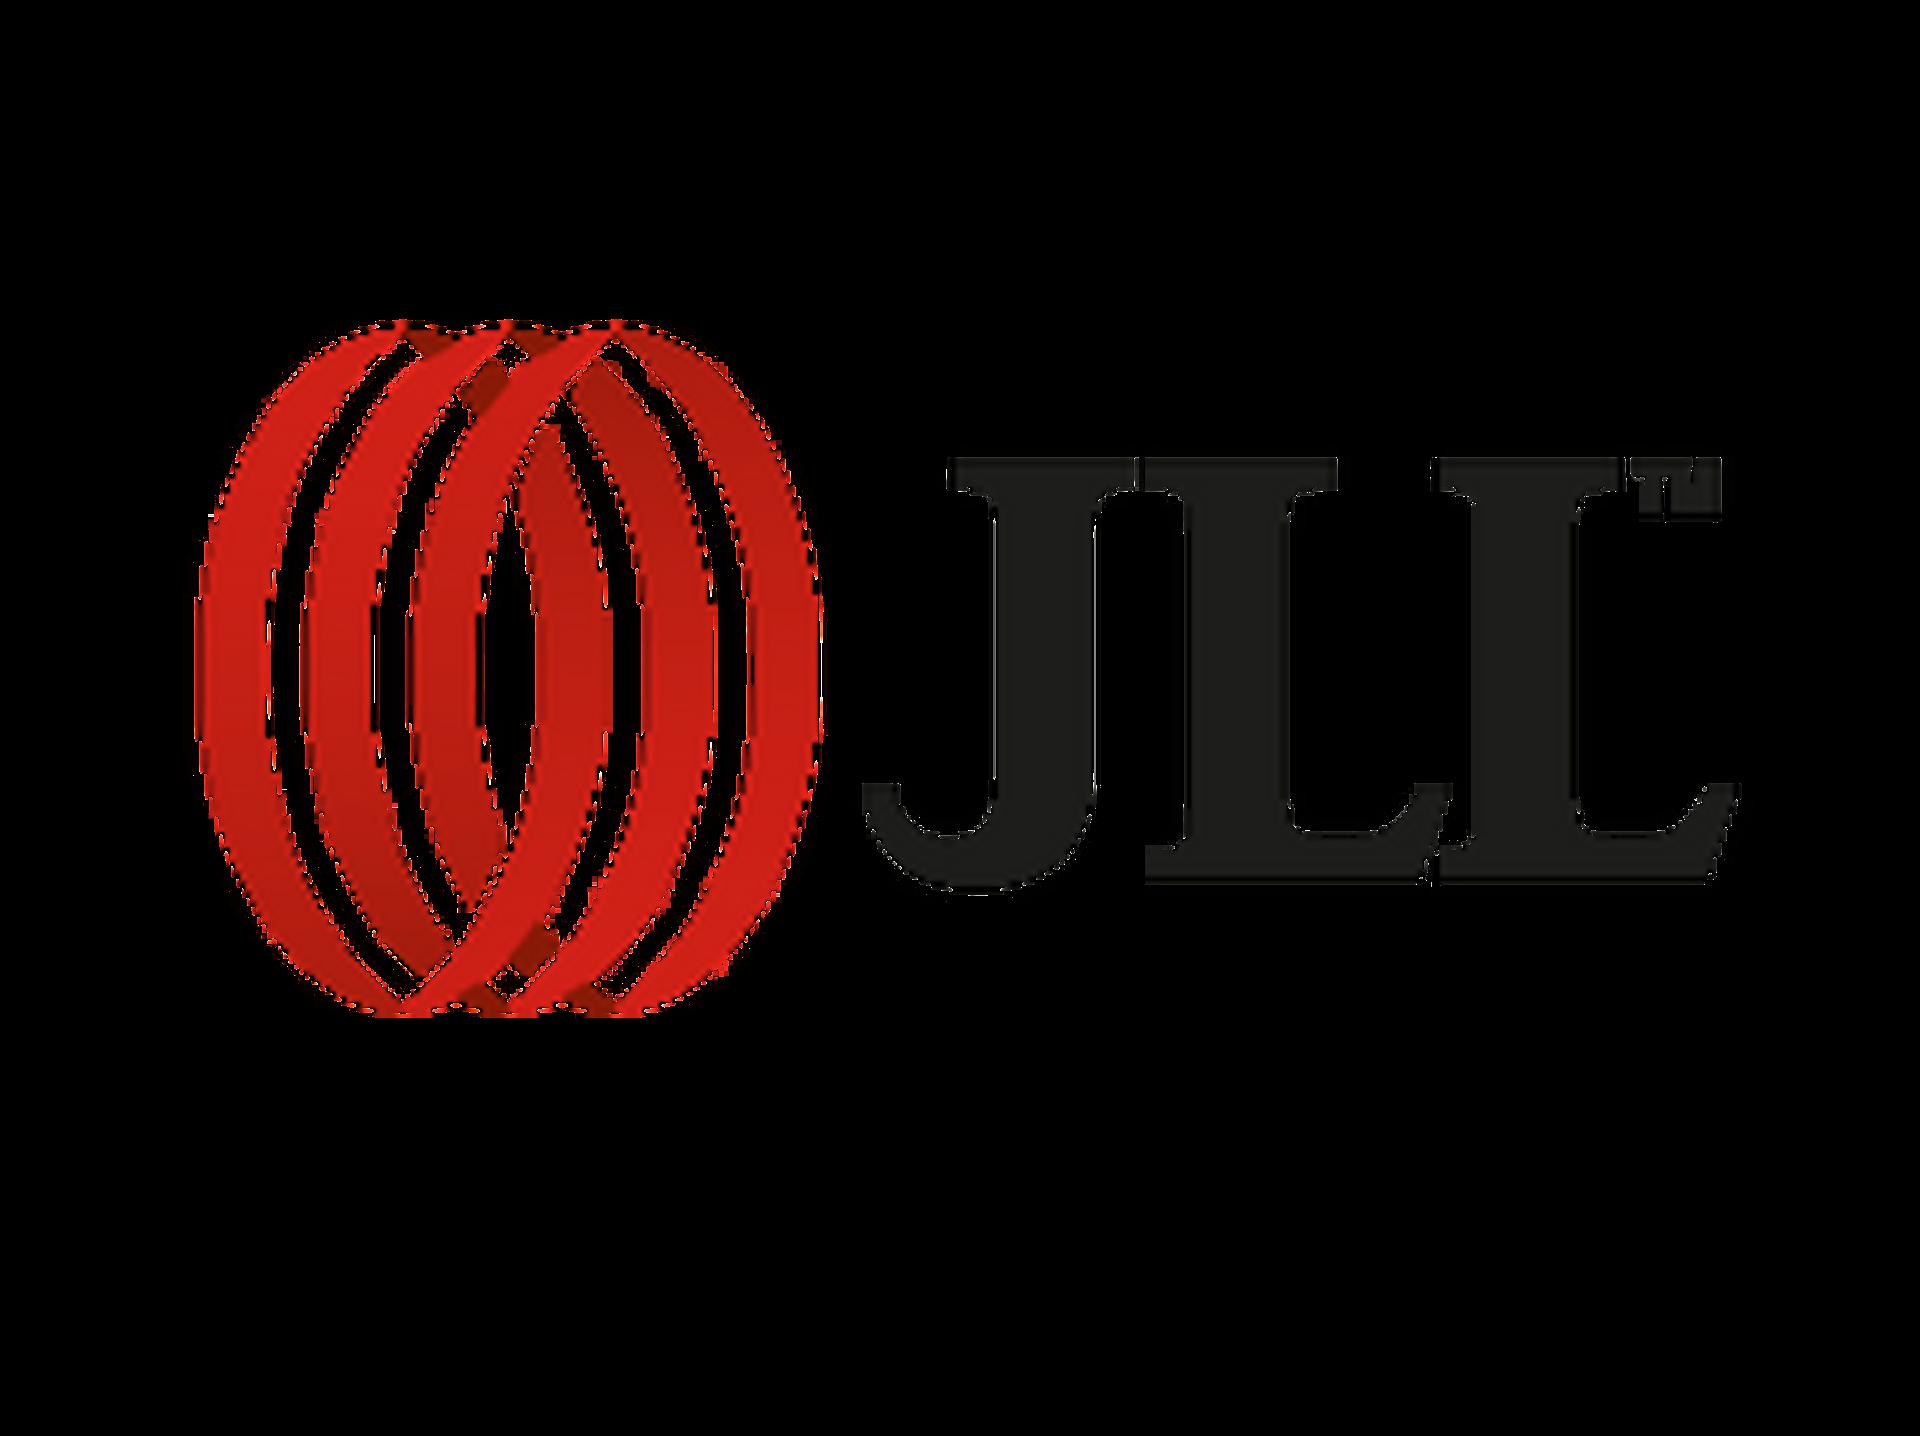 [Polska] Kto i gdzie wynajmował biura w 2015 r. – JLL z największym udziałem w rynku i rekordową ilością powierzchni wynajętej